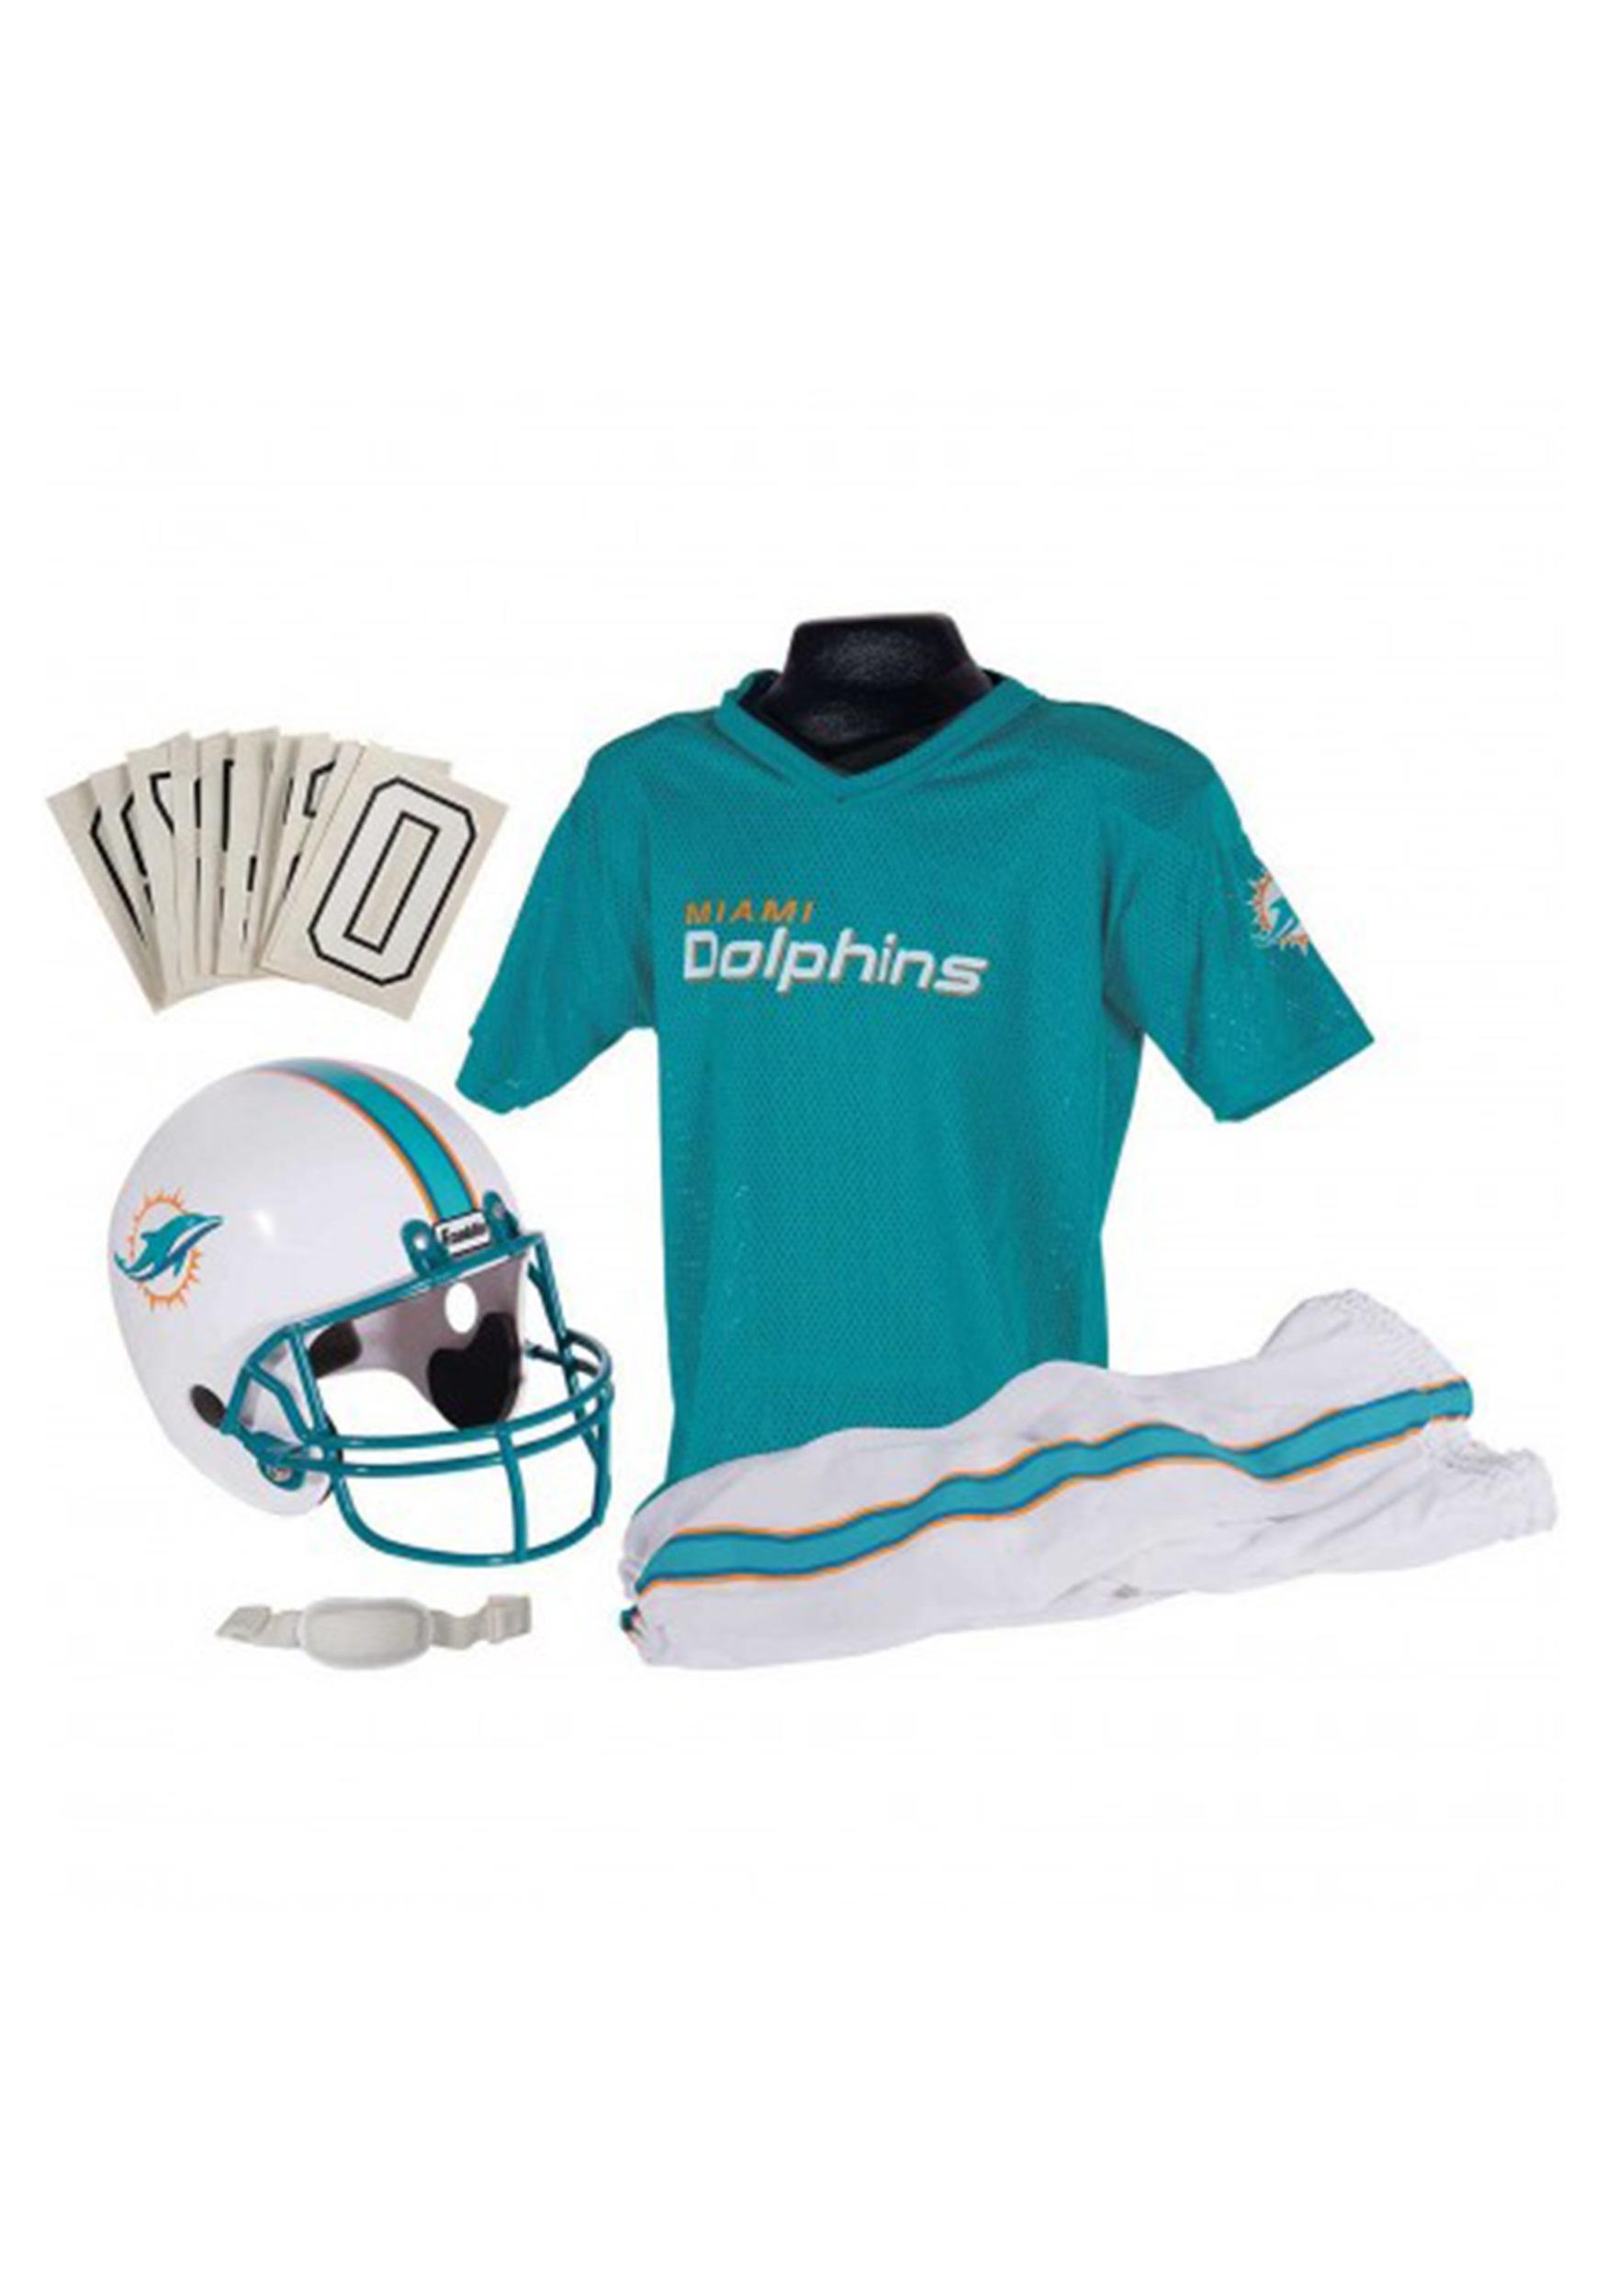 5f3f0ff6229 Kids NFL Miami Dolphins Uniform Set